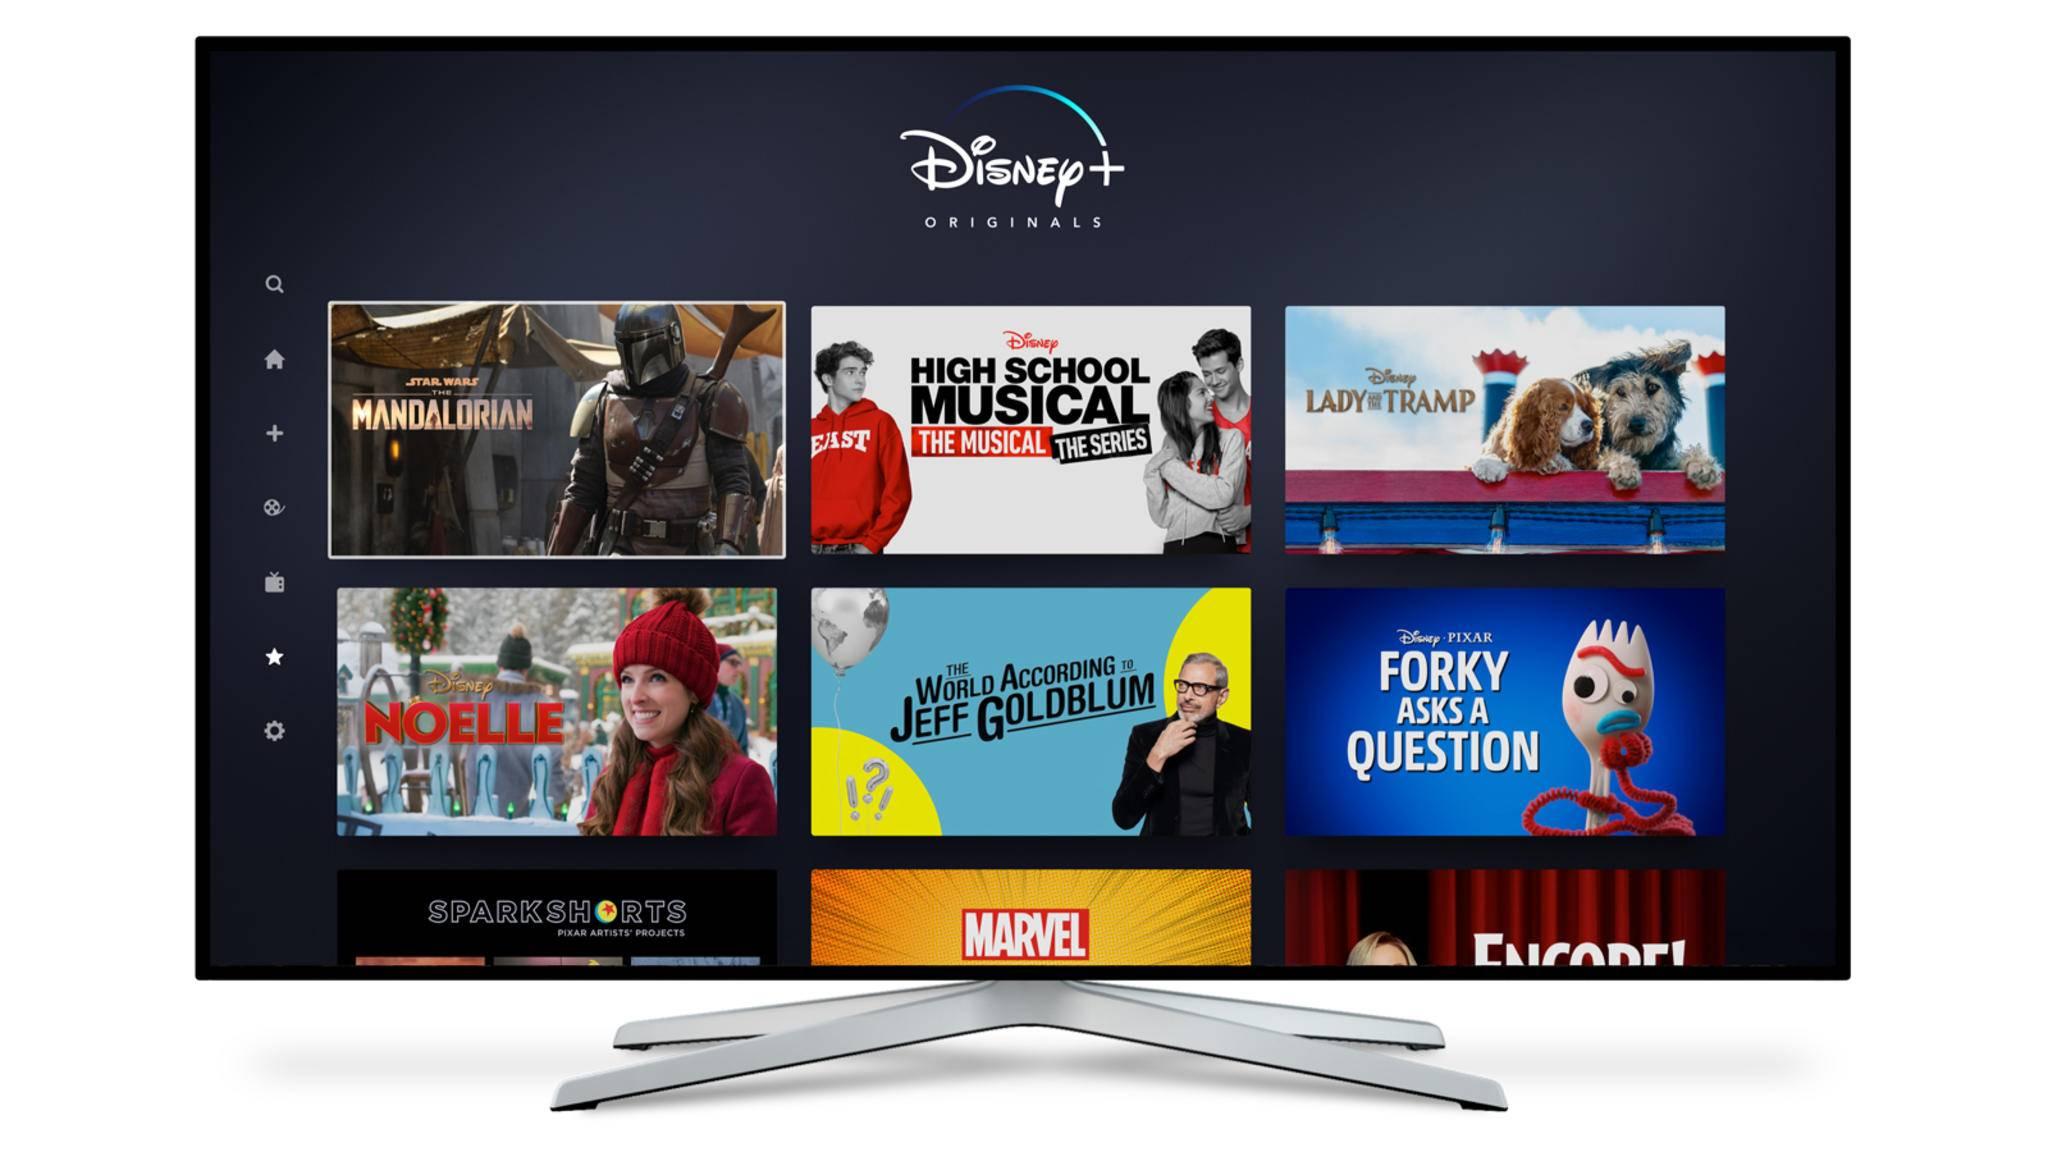 So in etwa sieht der Homescreen aus, wenn Du Disney+ über die PS4 startest.